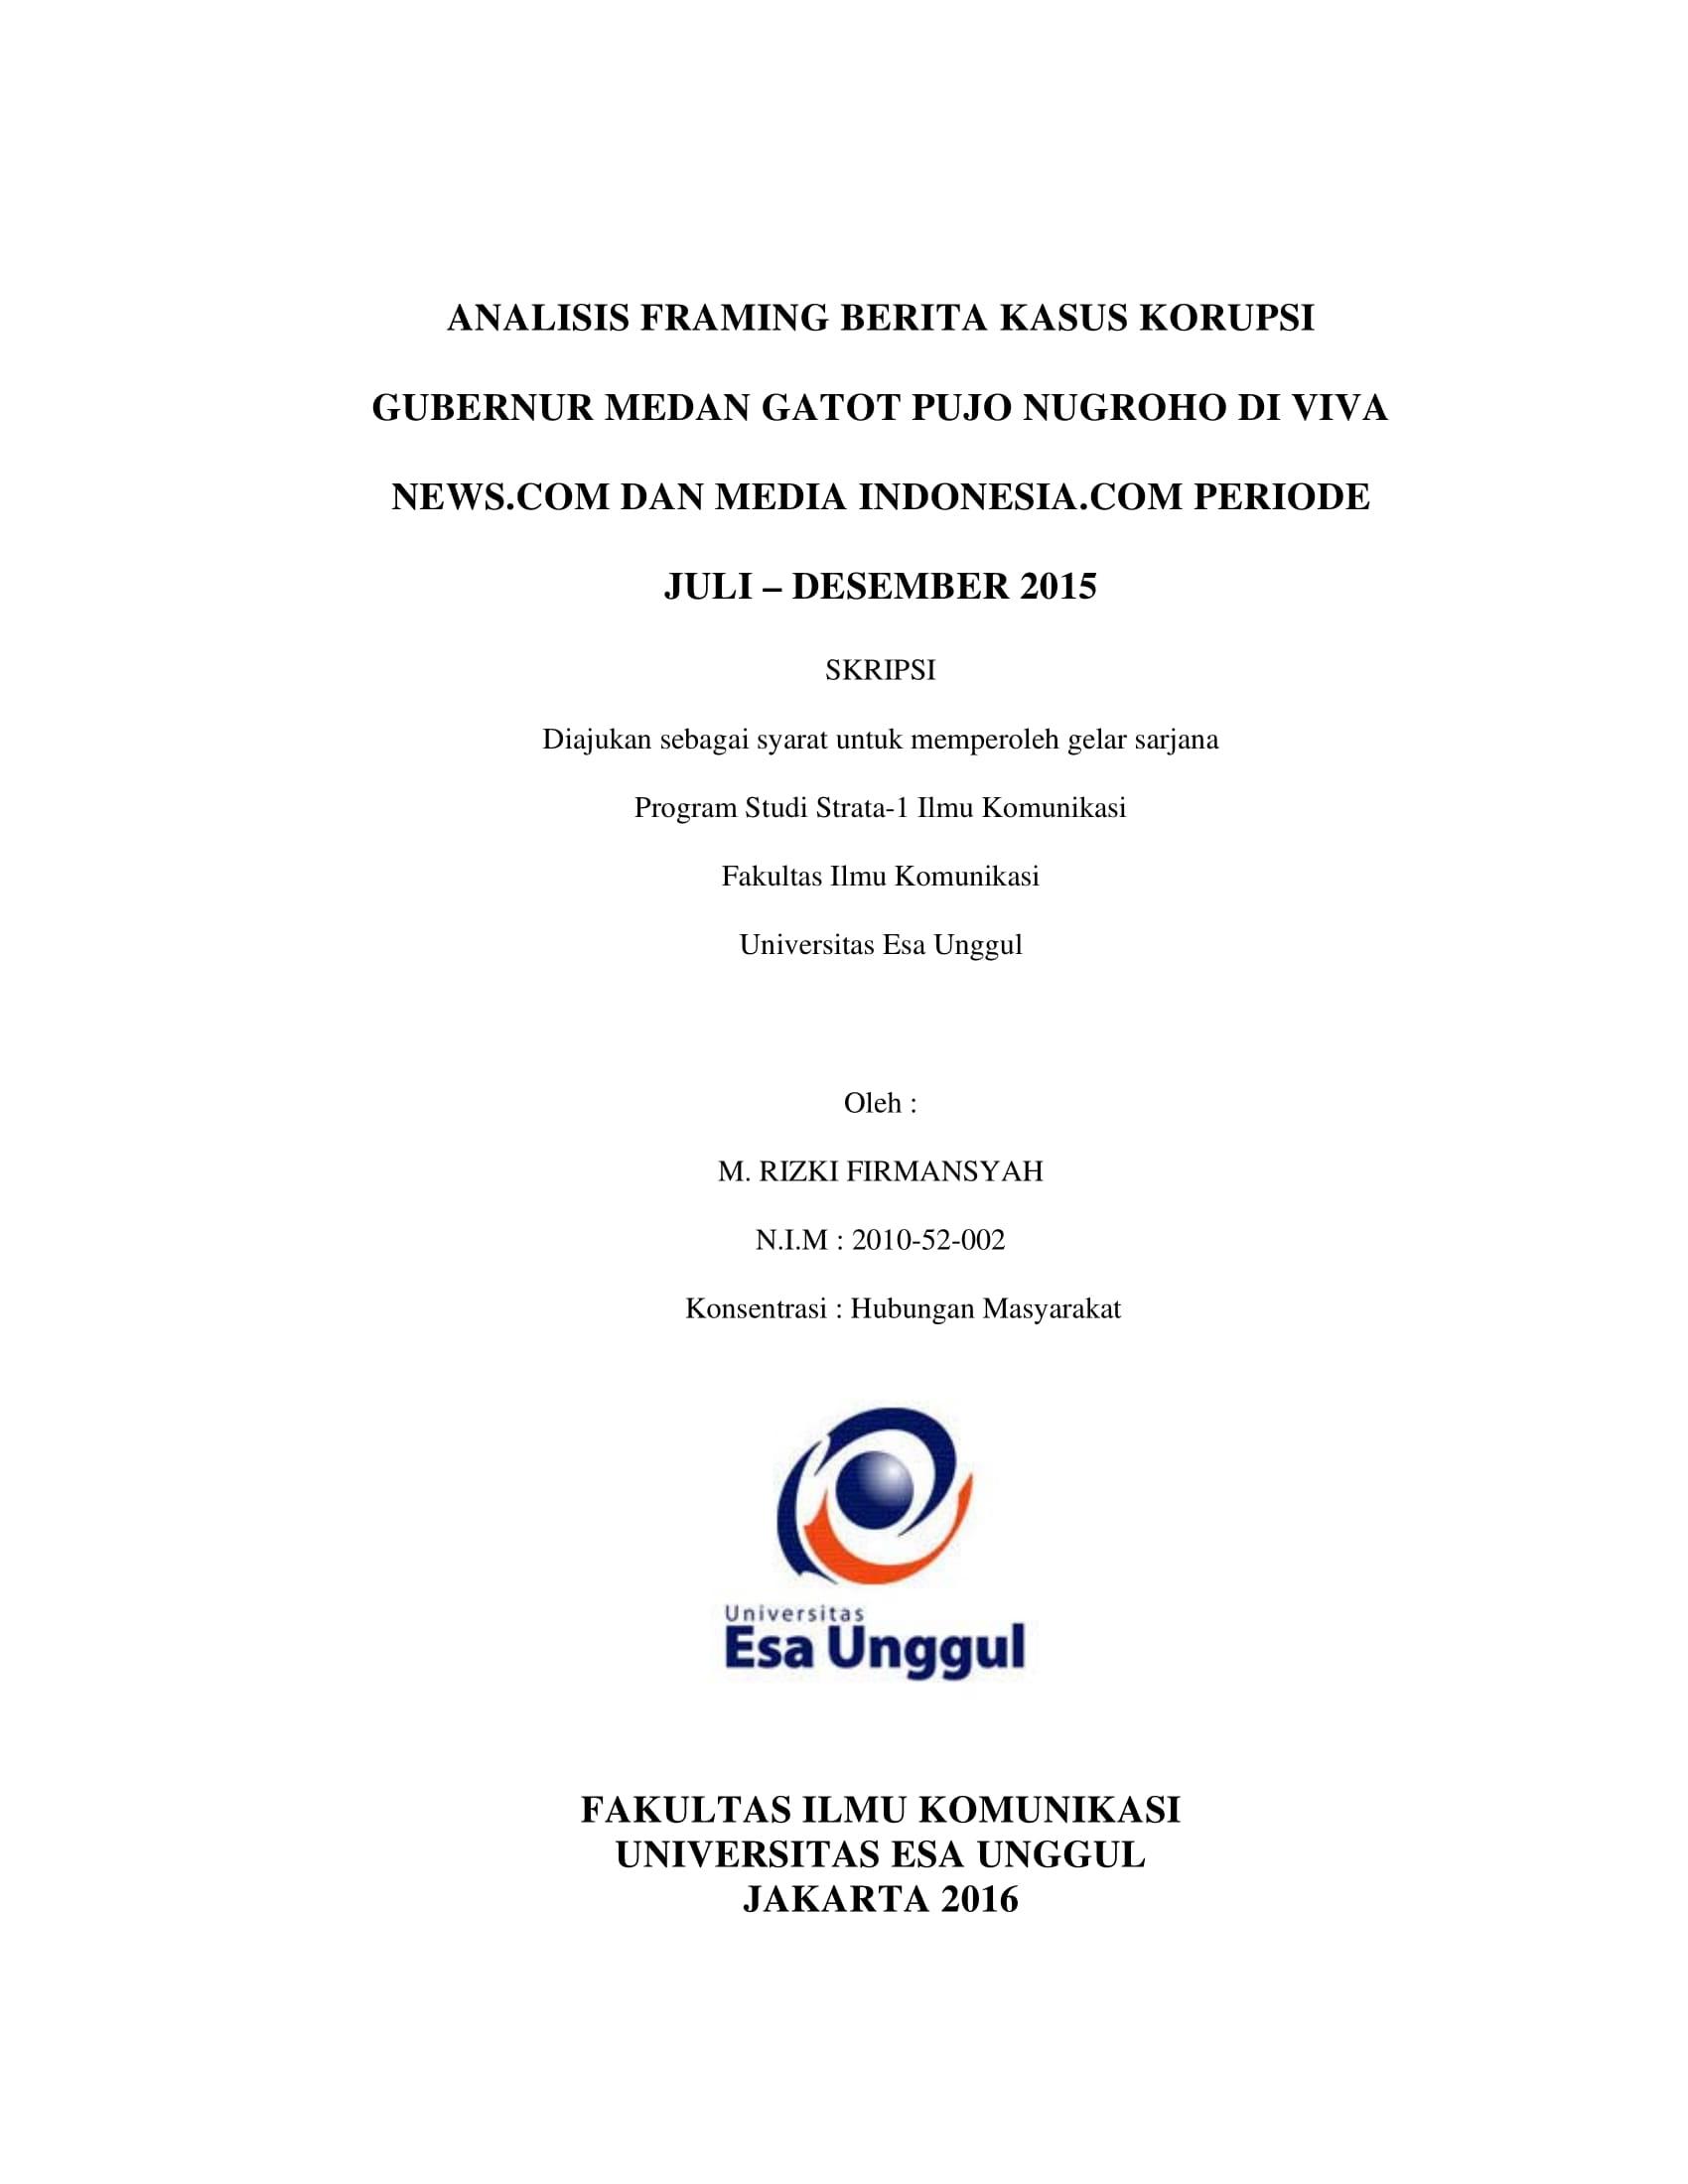 Analisis Framing Berita Kasus Korupsi Gubernur Medan Gatot Pujo Nugroho di Viva News.com dan Media   Indonesia.com Periode Juli – Desember 2015